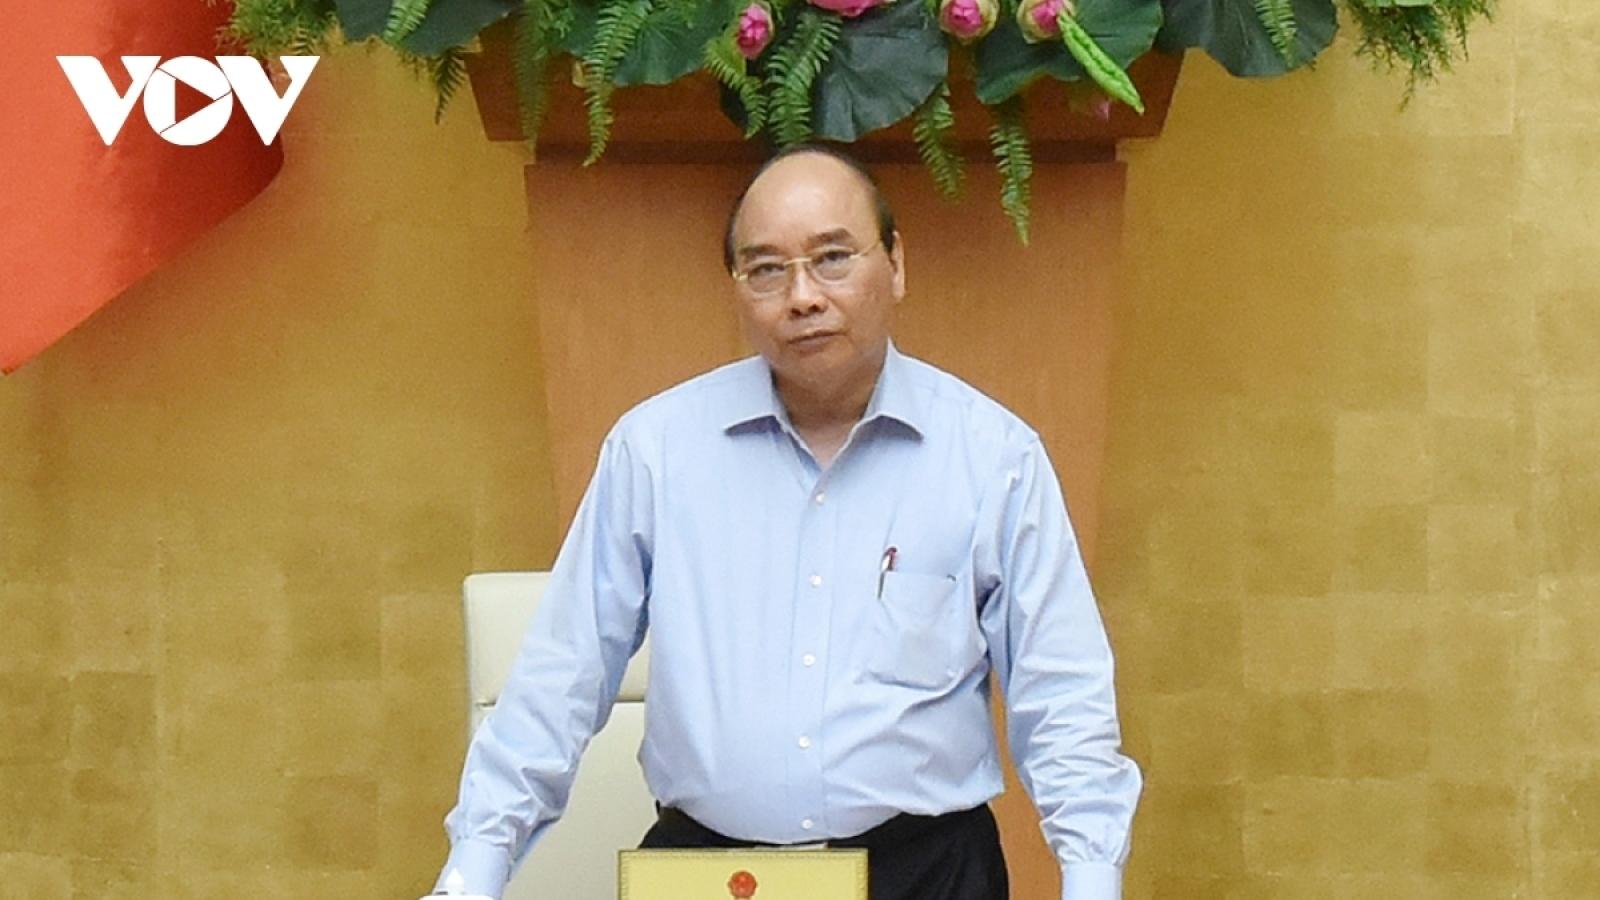 Thông điệp của Thủ tướng Nguyễn Xuân Phúc nhân Ngày quốc tế Phòng chống dịch bệnh